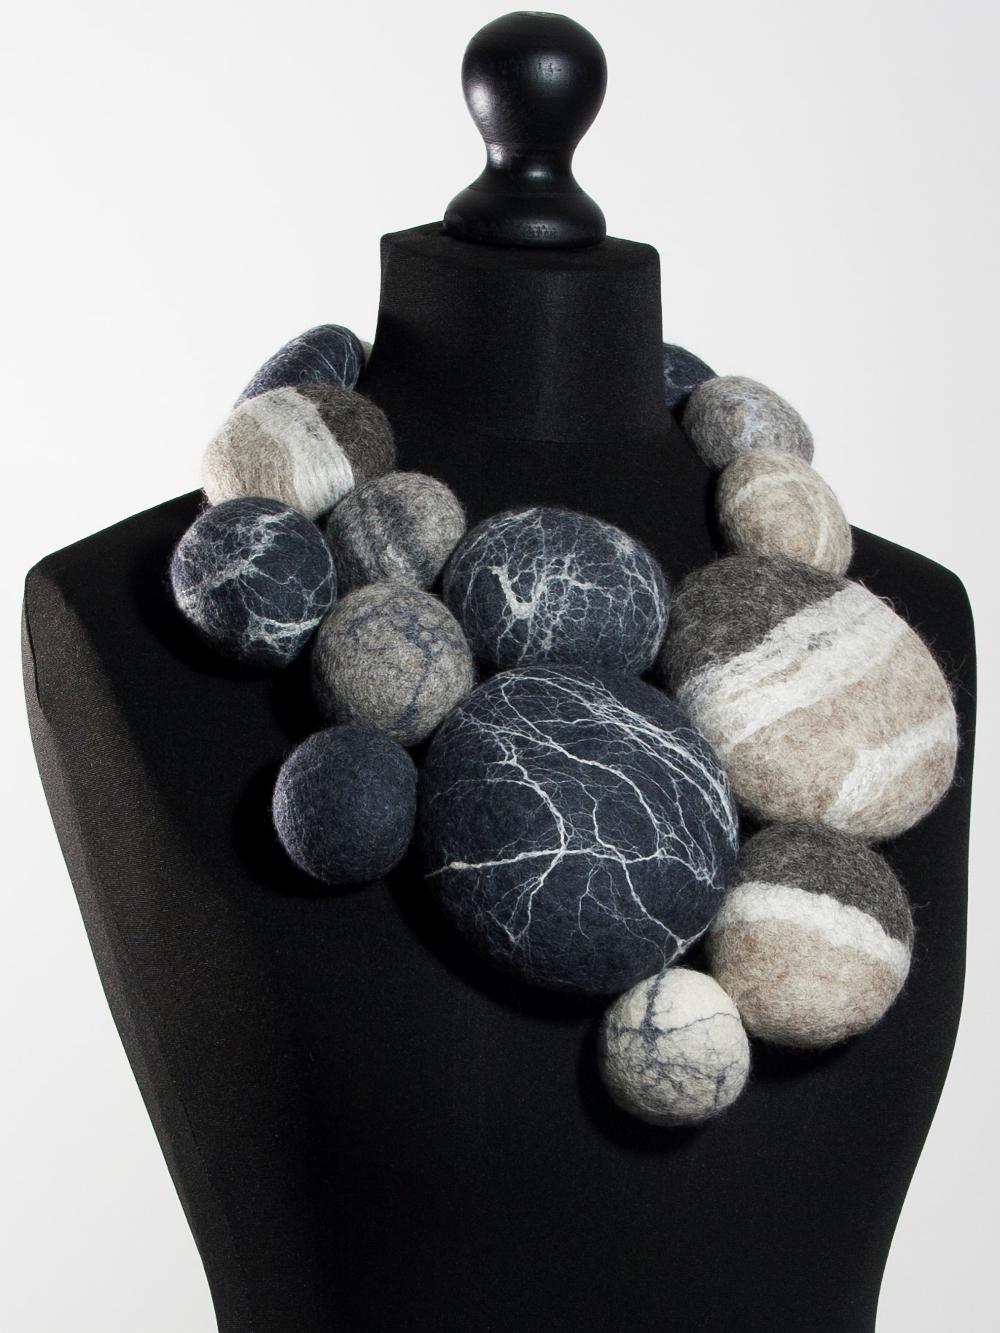 extravagant collier van gevilte zwerfkeien Charlotte Molenaar Art.toWear